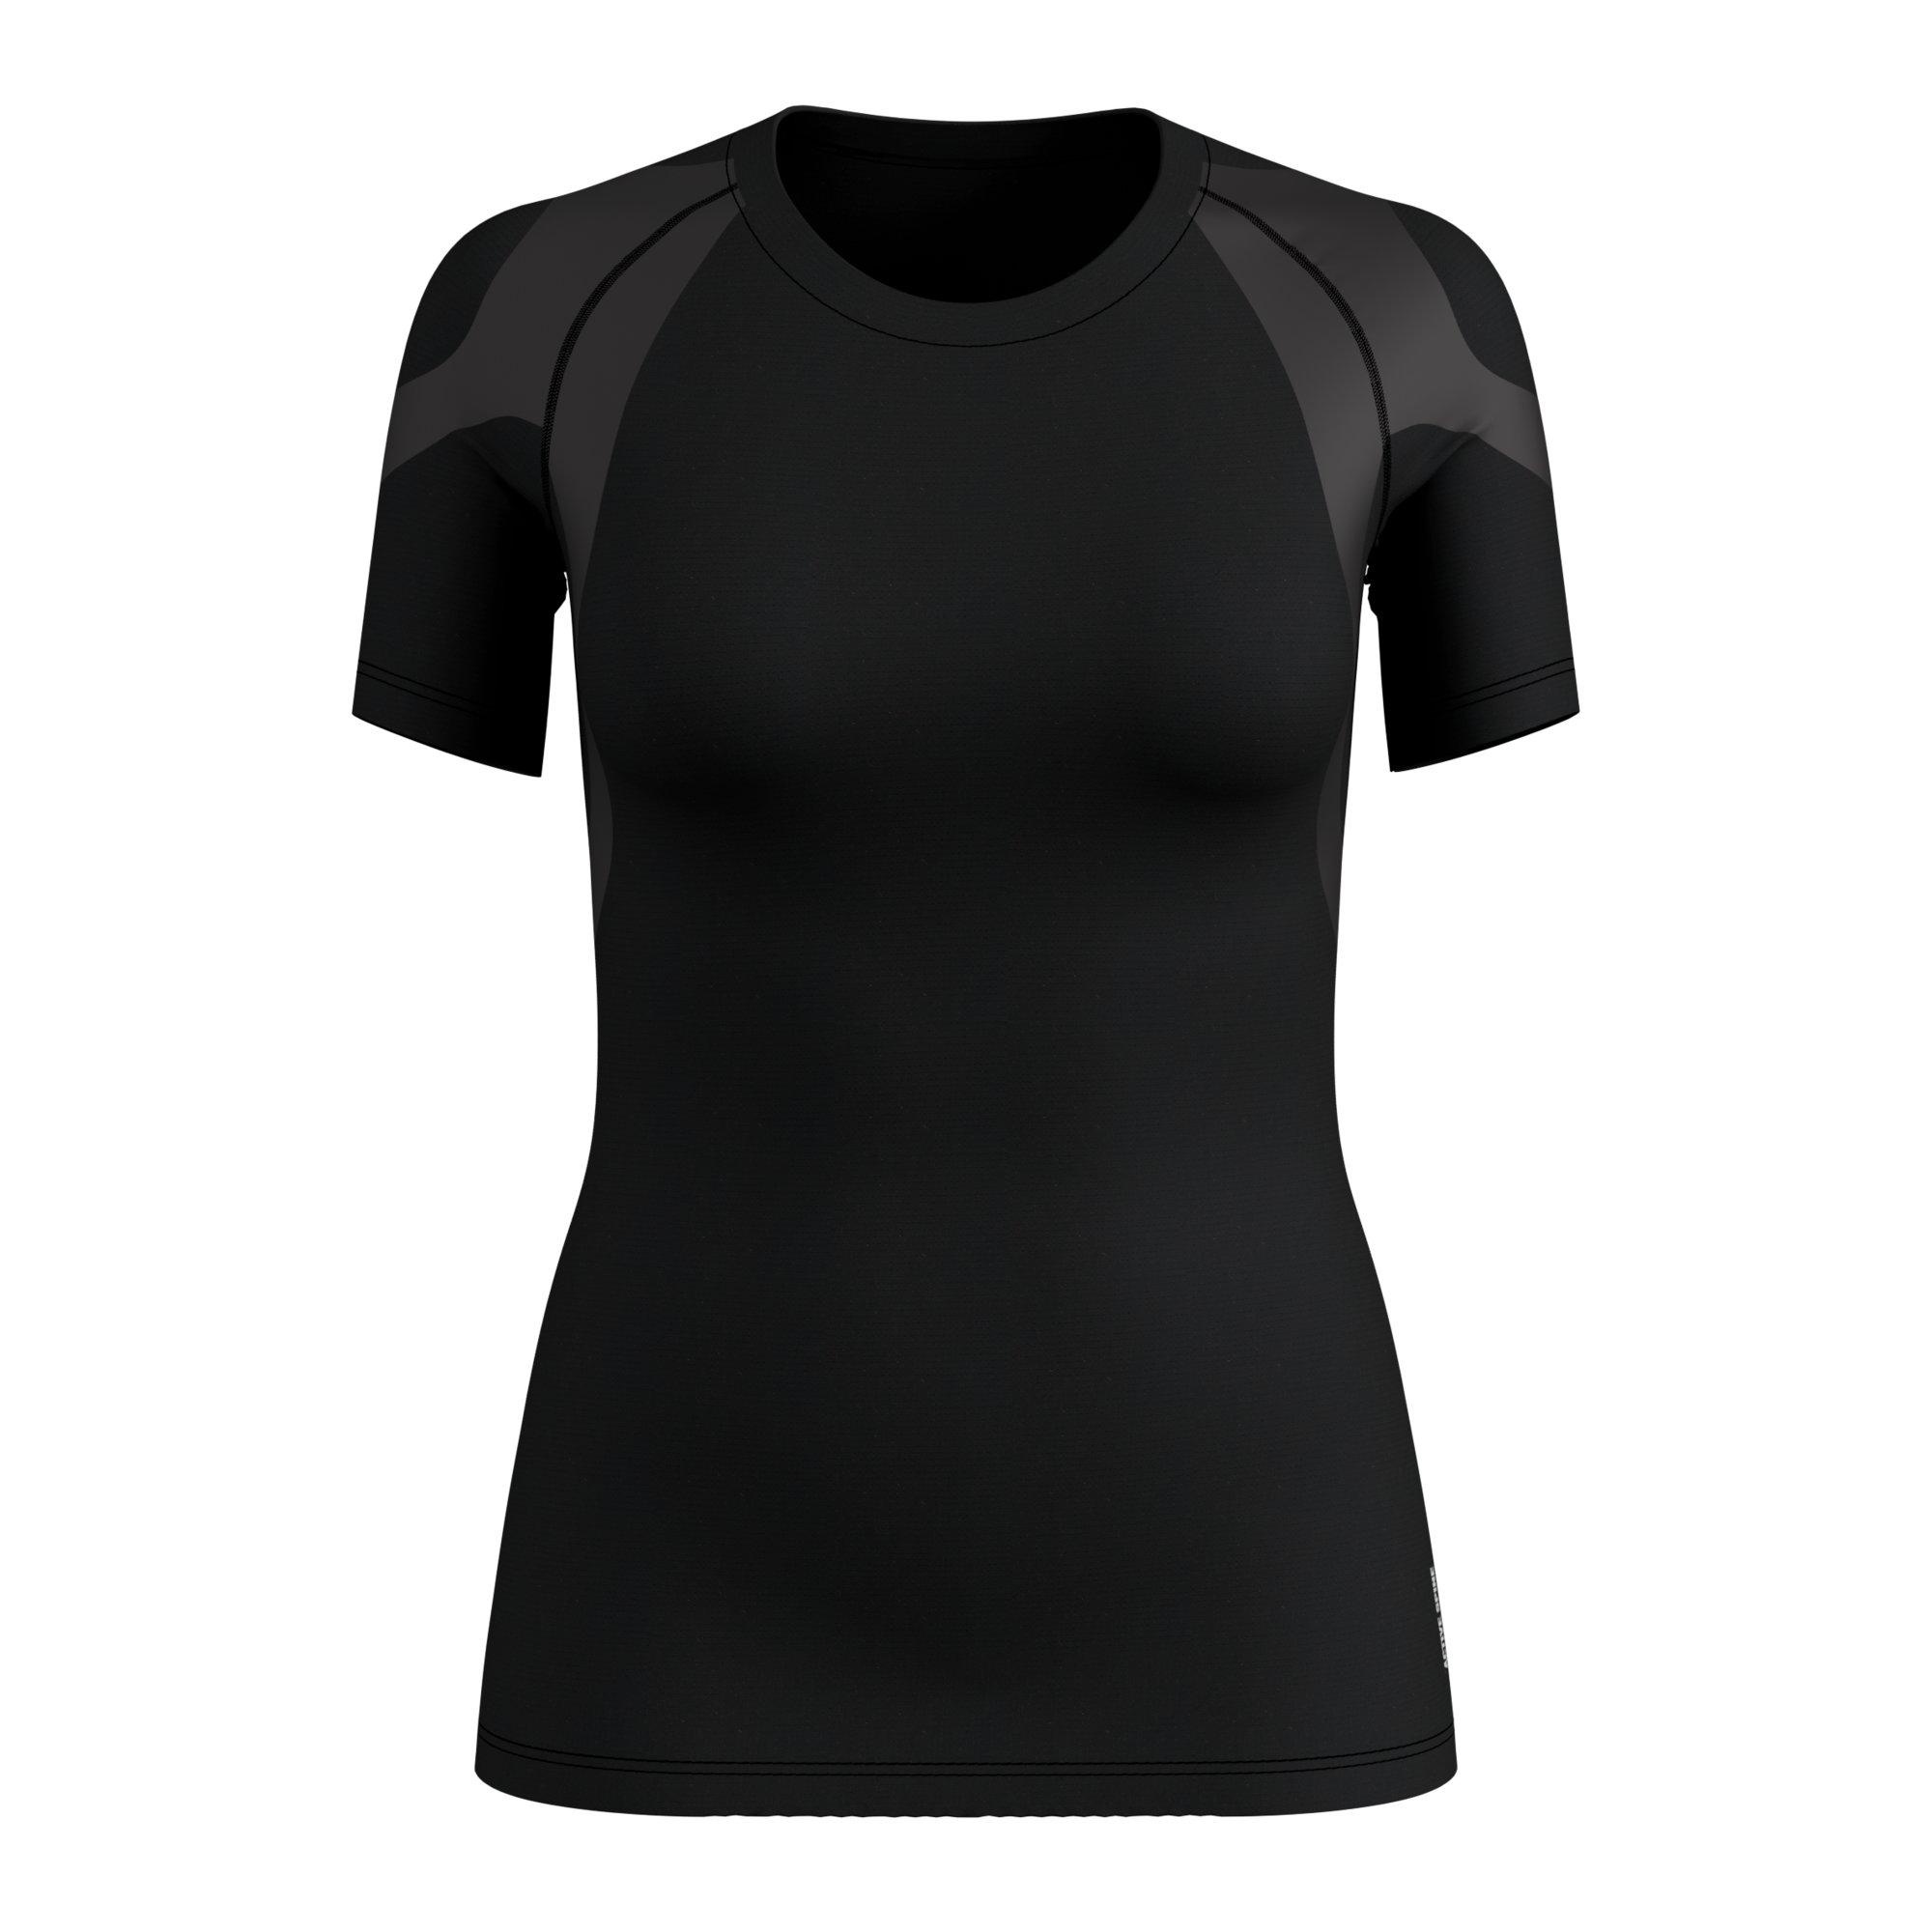 Odlo Active Spine Light BL Top Crew Neck SS - T-shirt - Women's